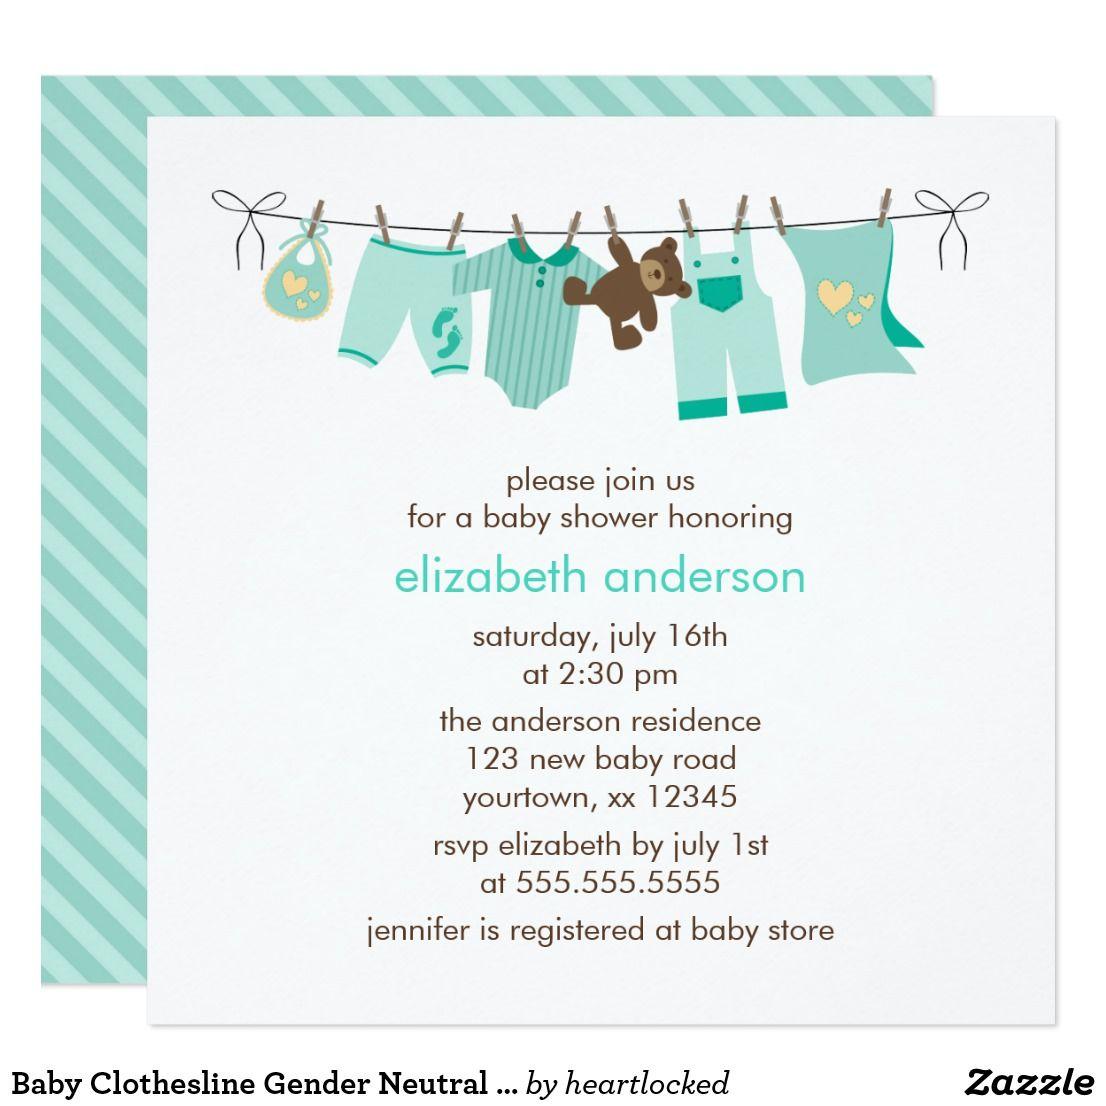 Baby Clothesline Gender Neutral Baby Shower Invitation Zazzle Com Gender Neutral Baby Shower Gender Neutral Baby Shower Invitations Baby Shower Invites Neutral